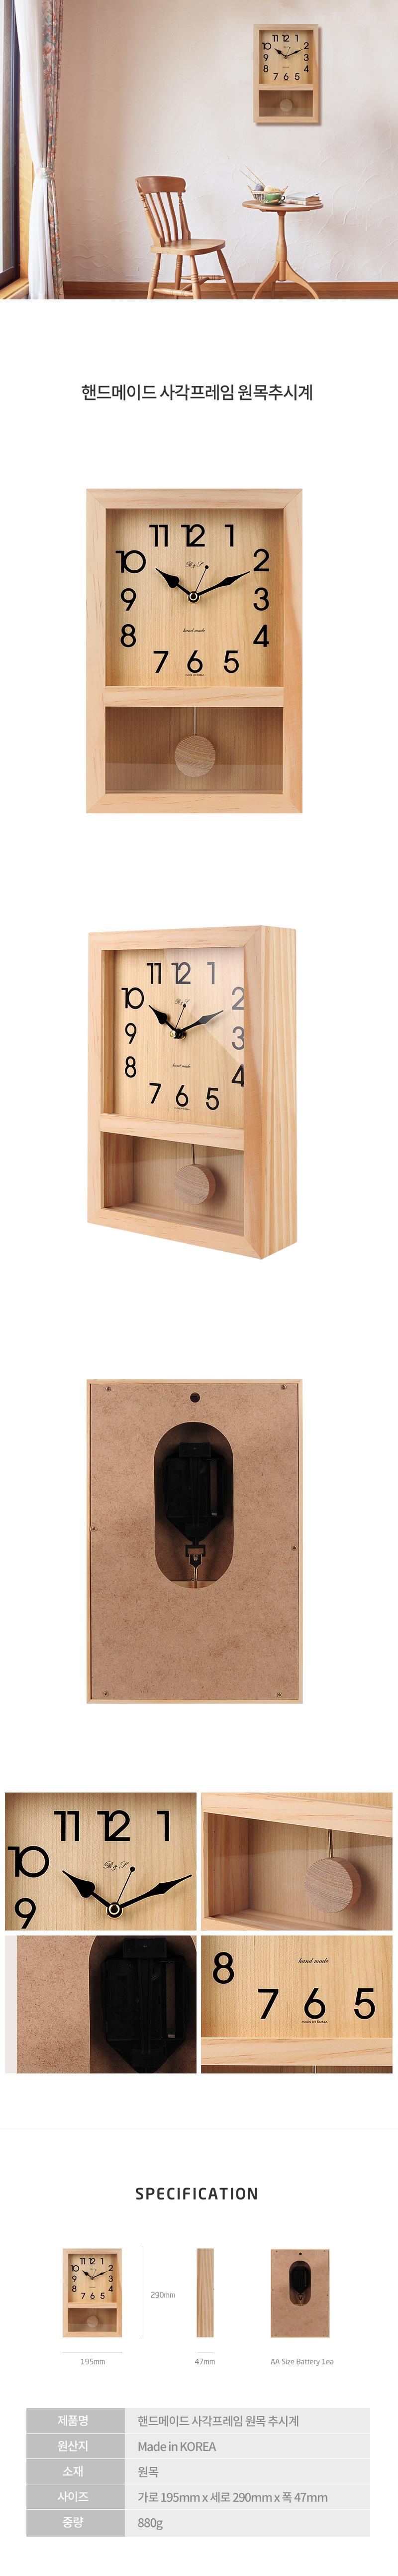 [티디씨] 핸드메이드 사각프레임 원목추시계